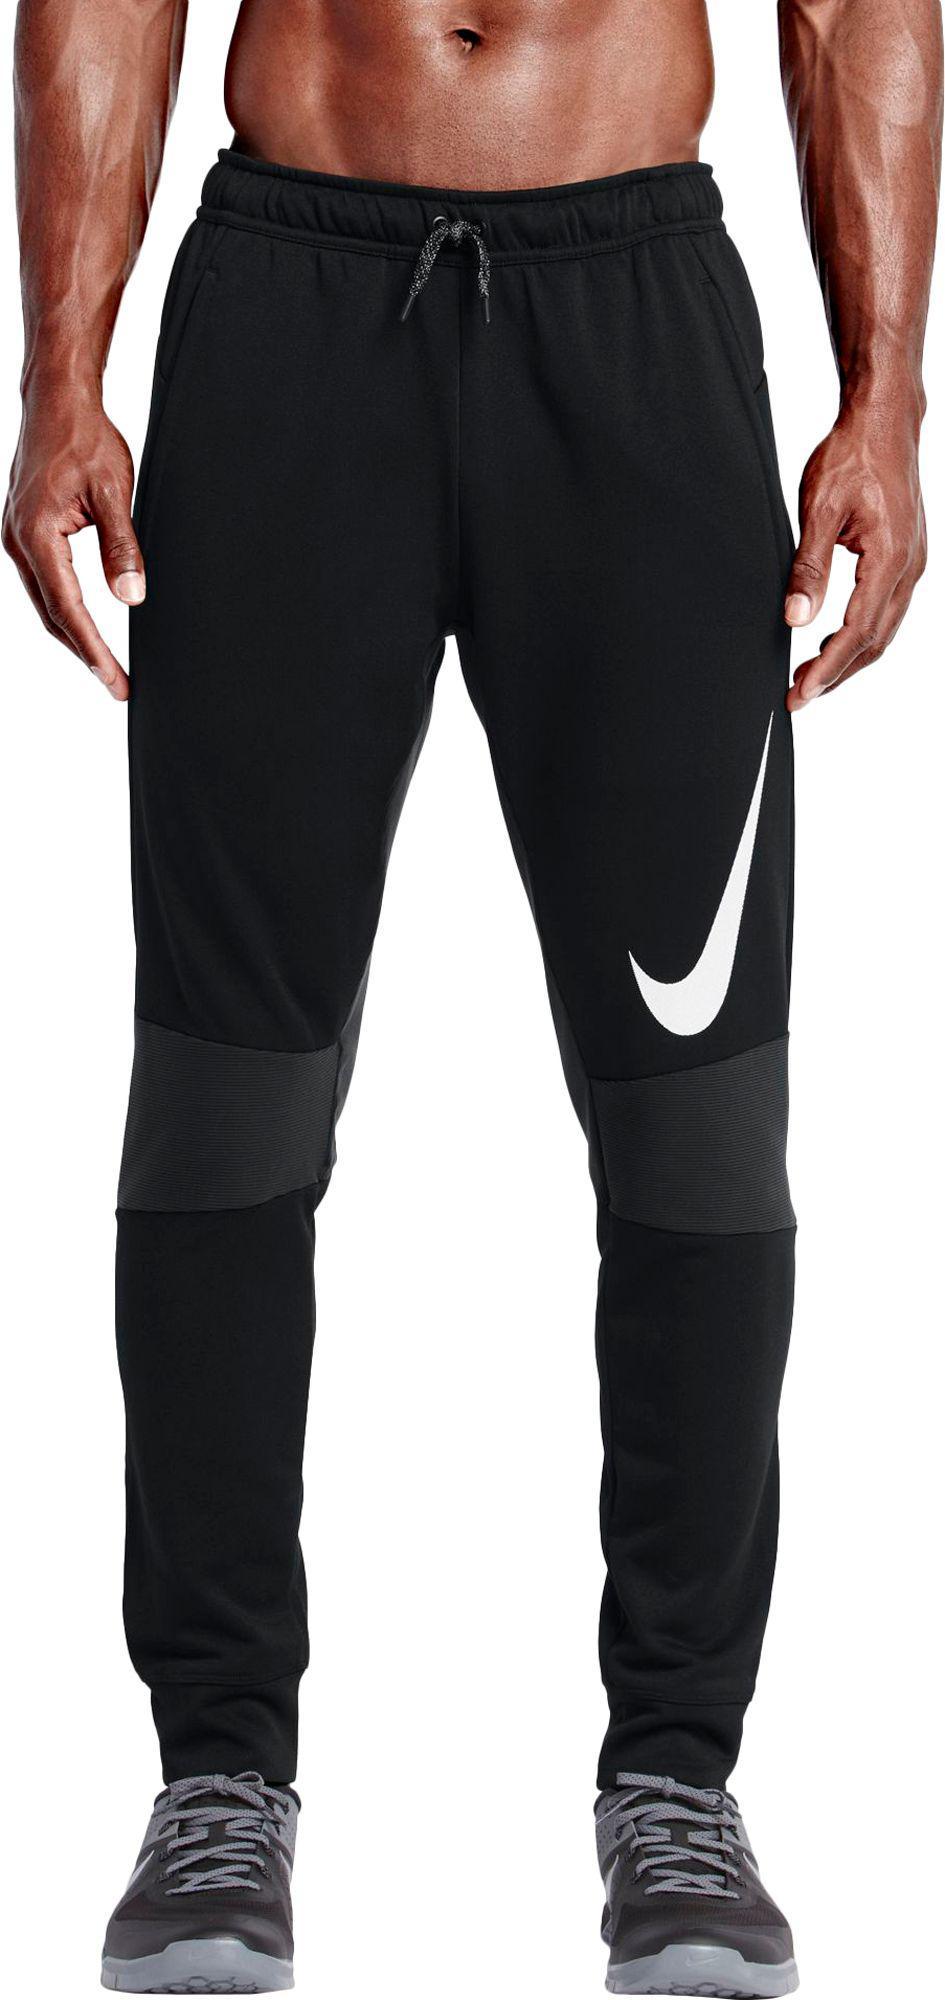 26139791479b2 Nike Dri-fit Cuffed Pants in Black for Men - Lyst